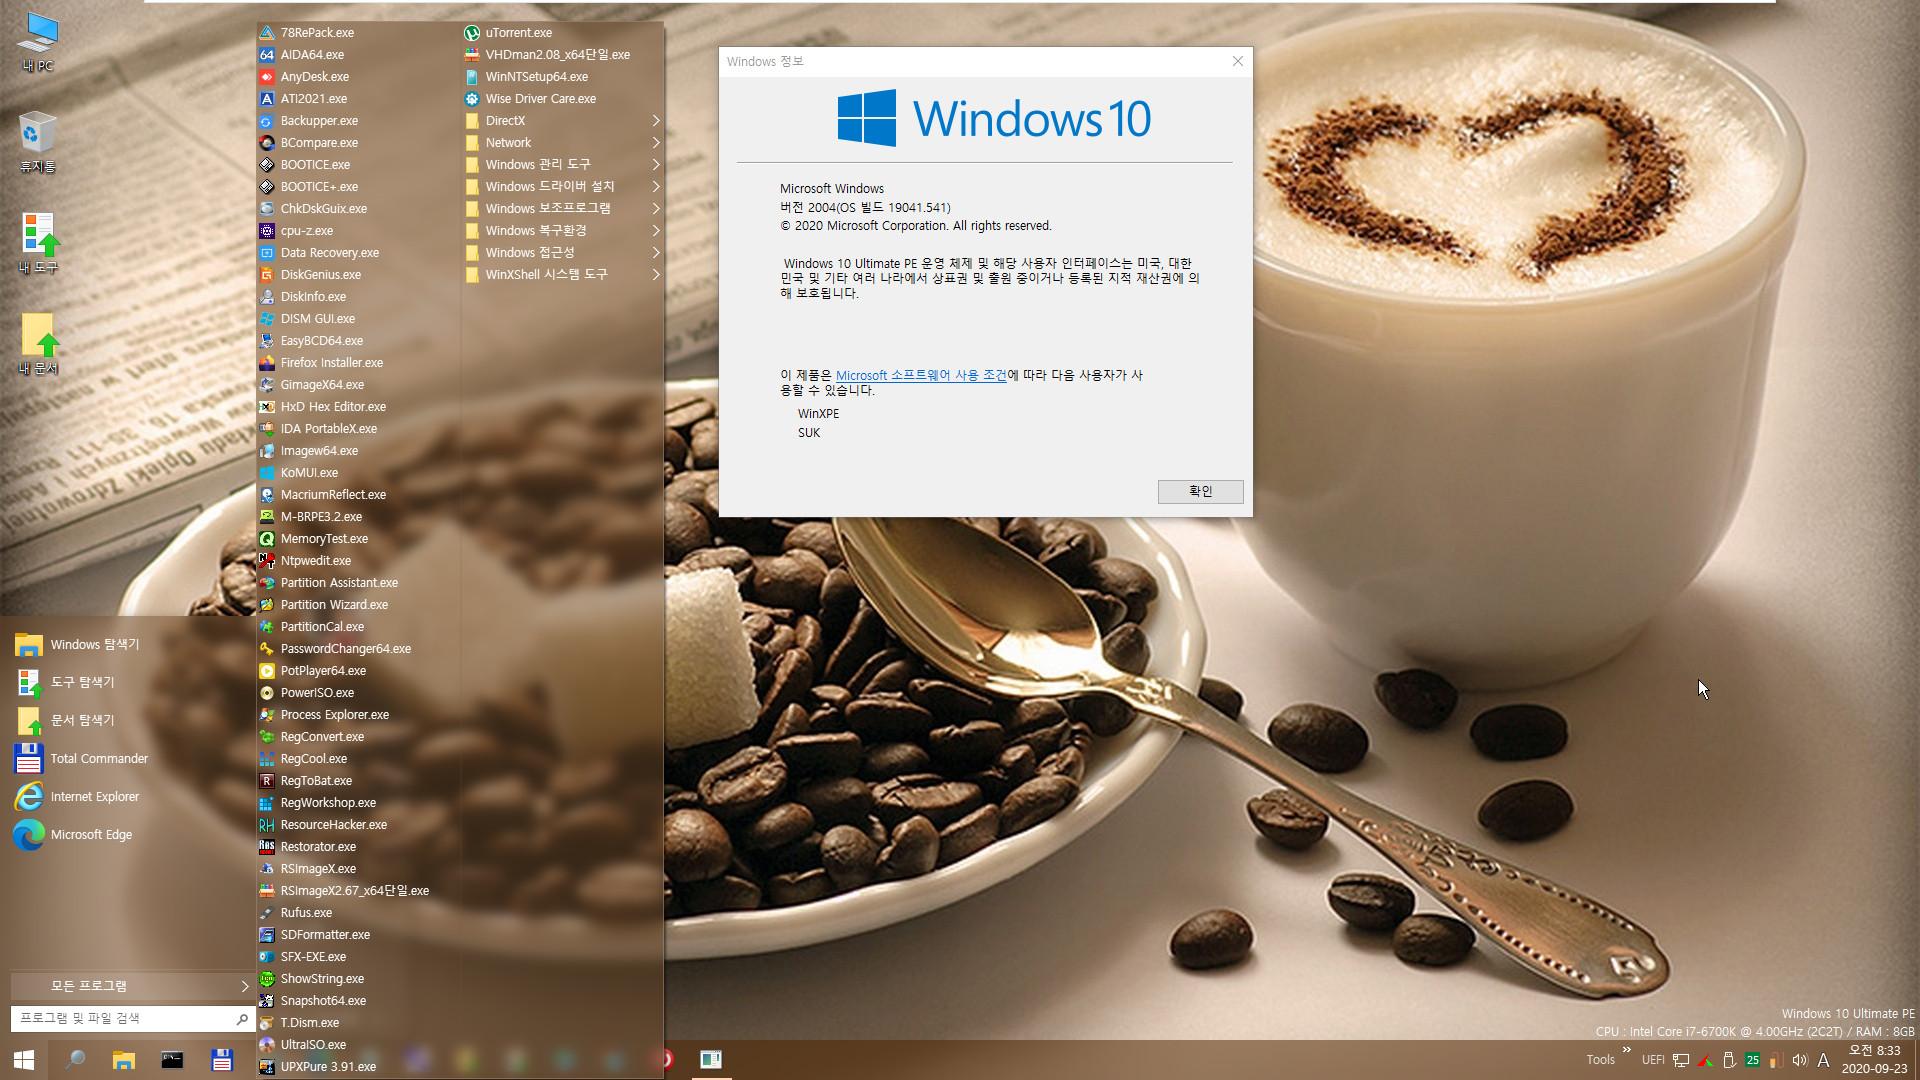 2020-09-23 업데이트 통합 PRO x64 2개 - Windows 10 버전 2004 + 버전 20H2 누적 업데이트 KB4577063 (OS 빌드 19041.541 + 19042.541) - PE 만들기 테스트 2020-09-23_083340.jpg